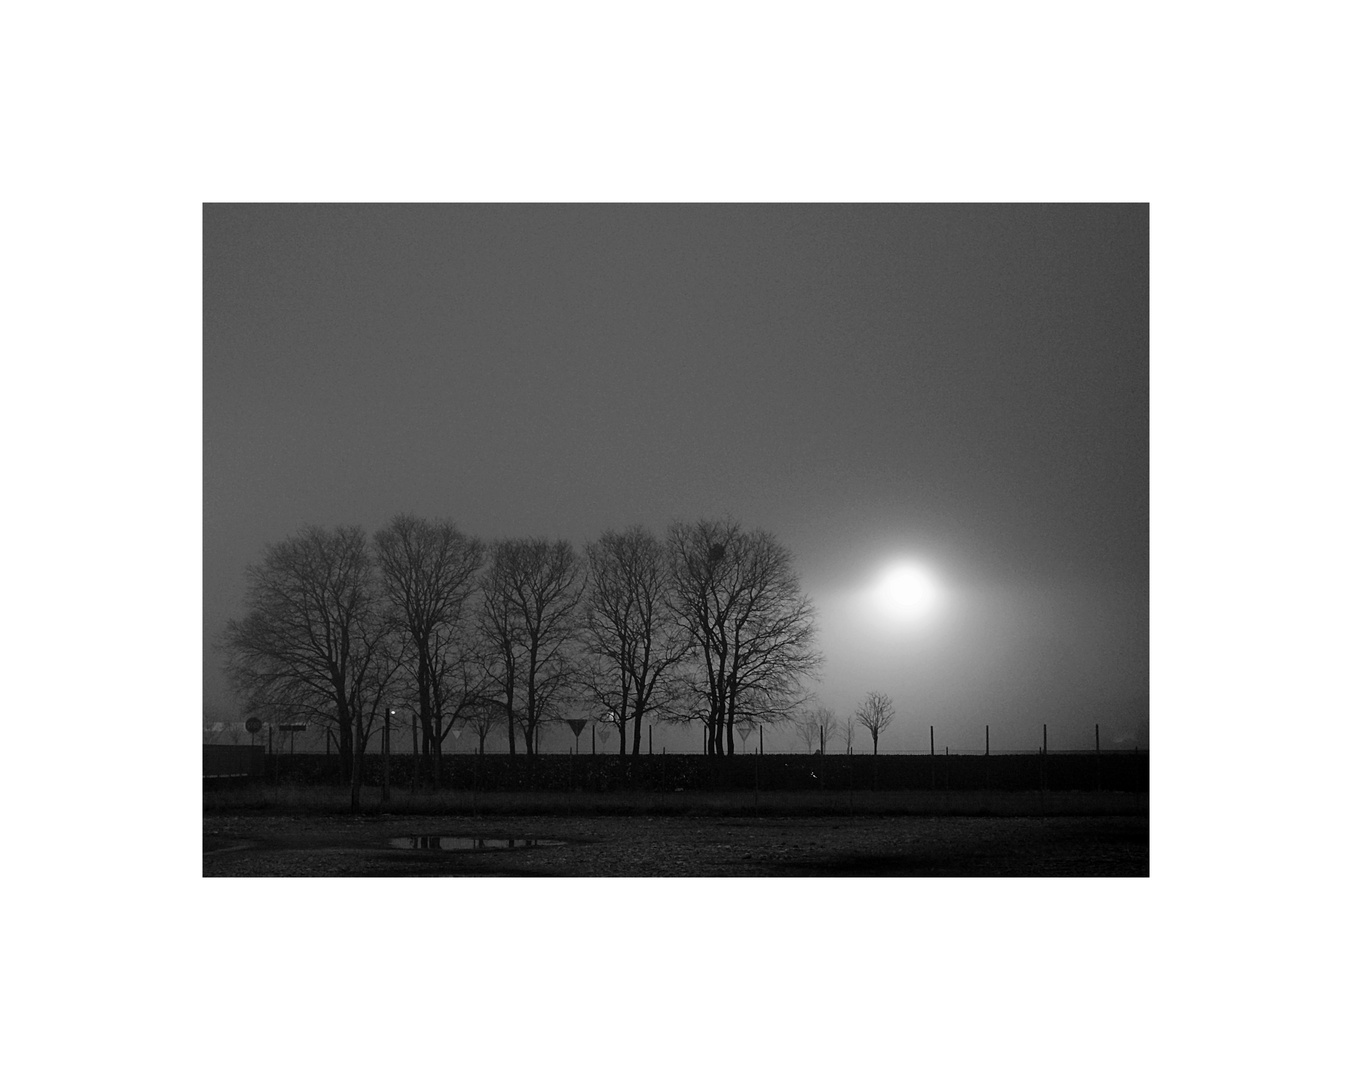 non è luna, ne sole ... un lampione